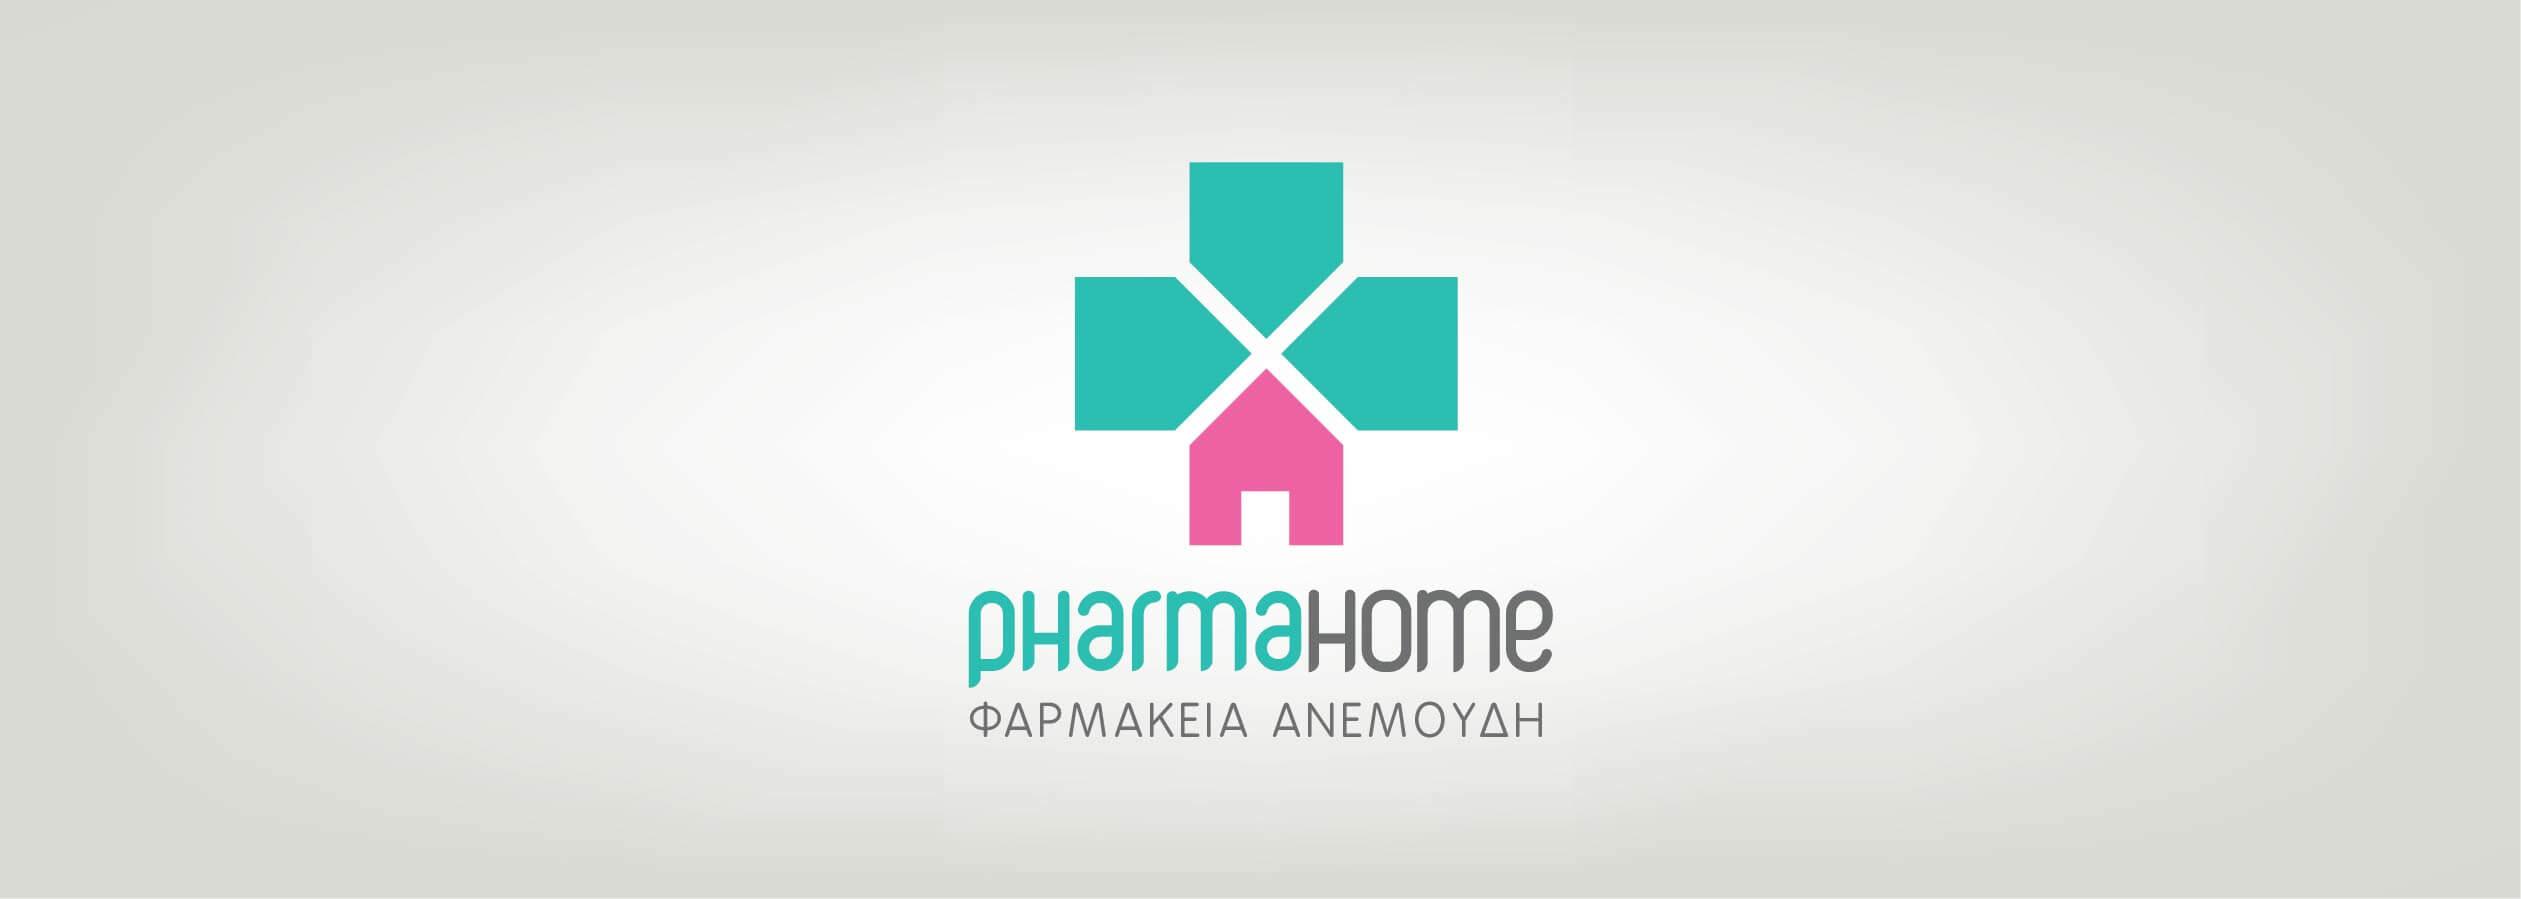 pharmahome-02